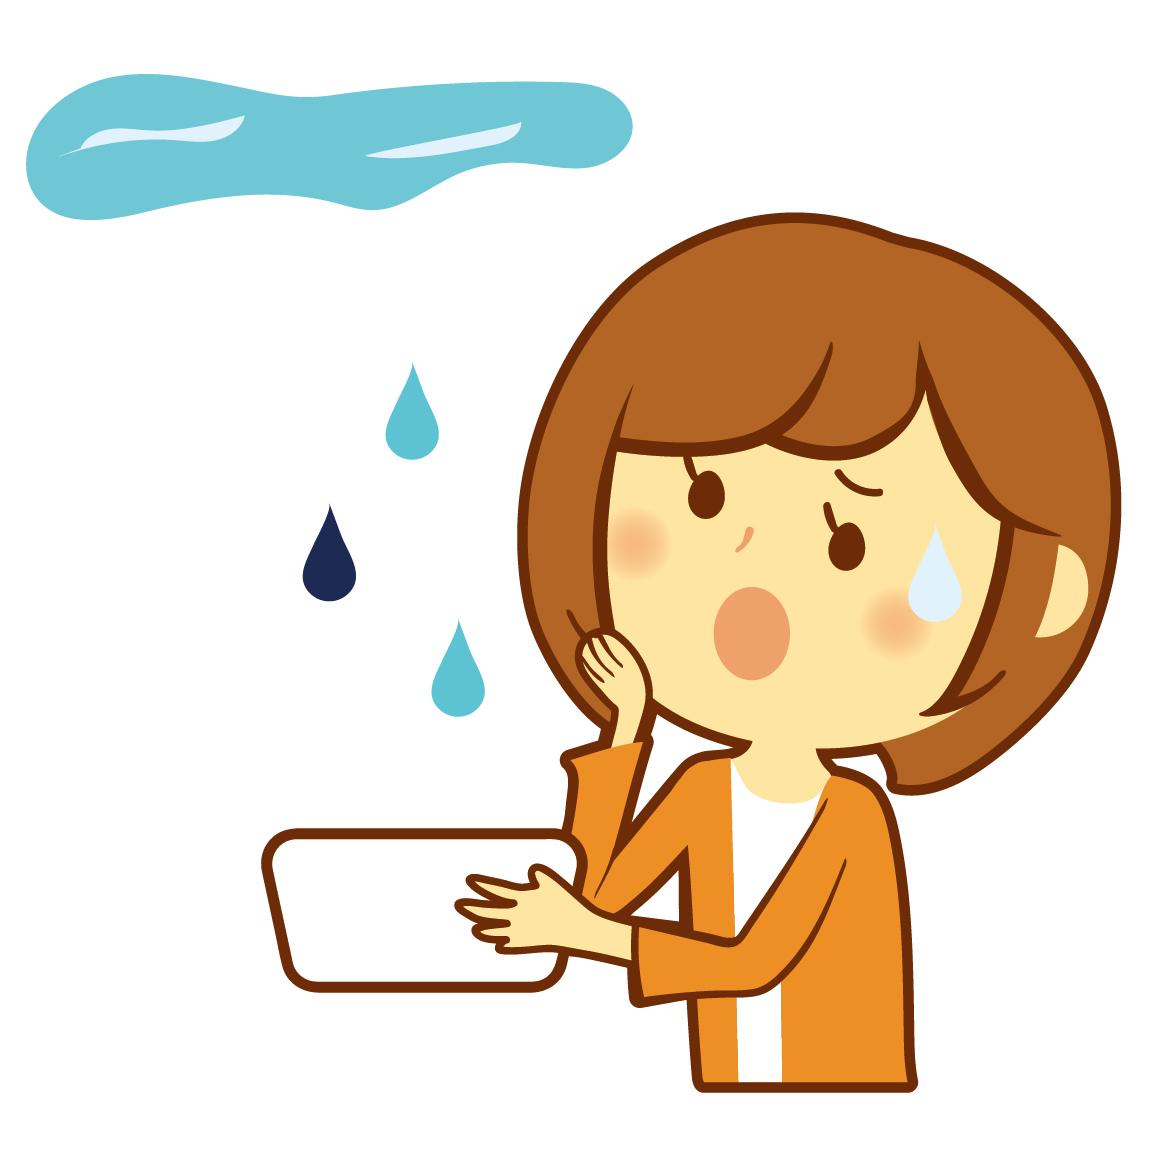 【リフォーム事例】雨漏りの修理